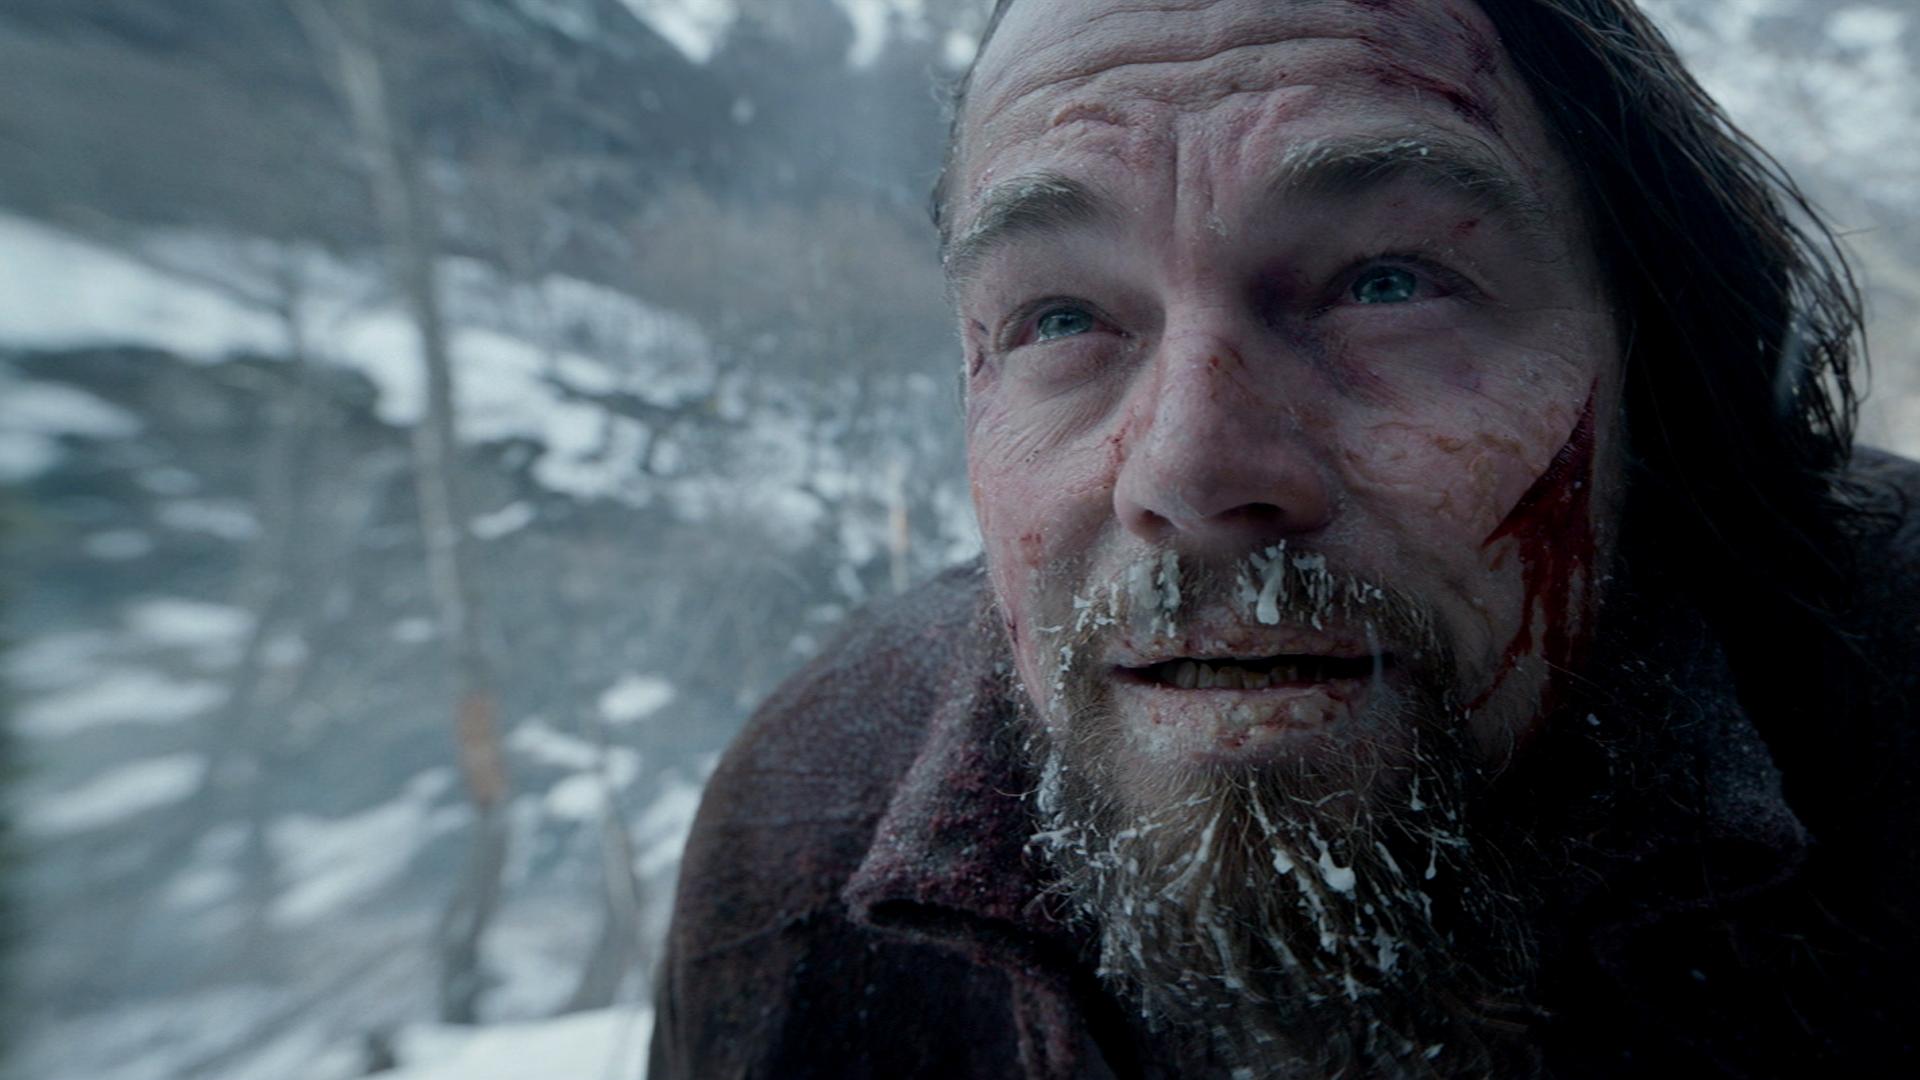 Niedźwiedź ze Zjawy z Leonardo DiCaprio u boku. Najlepsze przebranie Comic-Conu